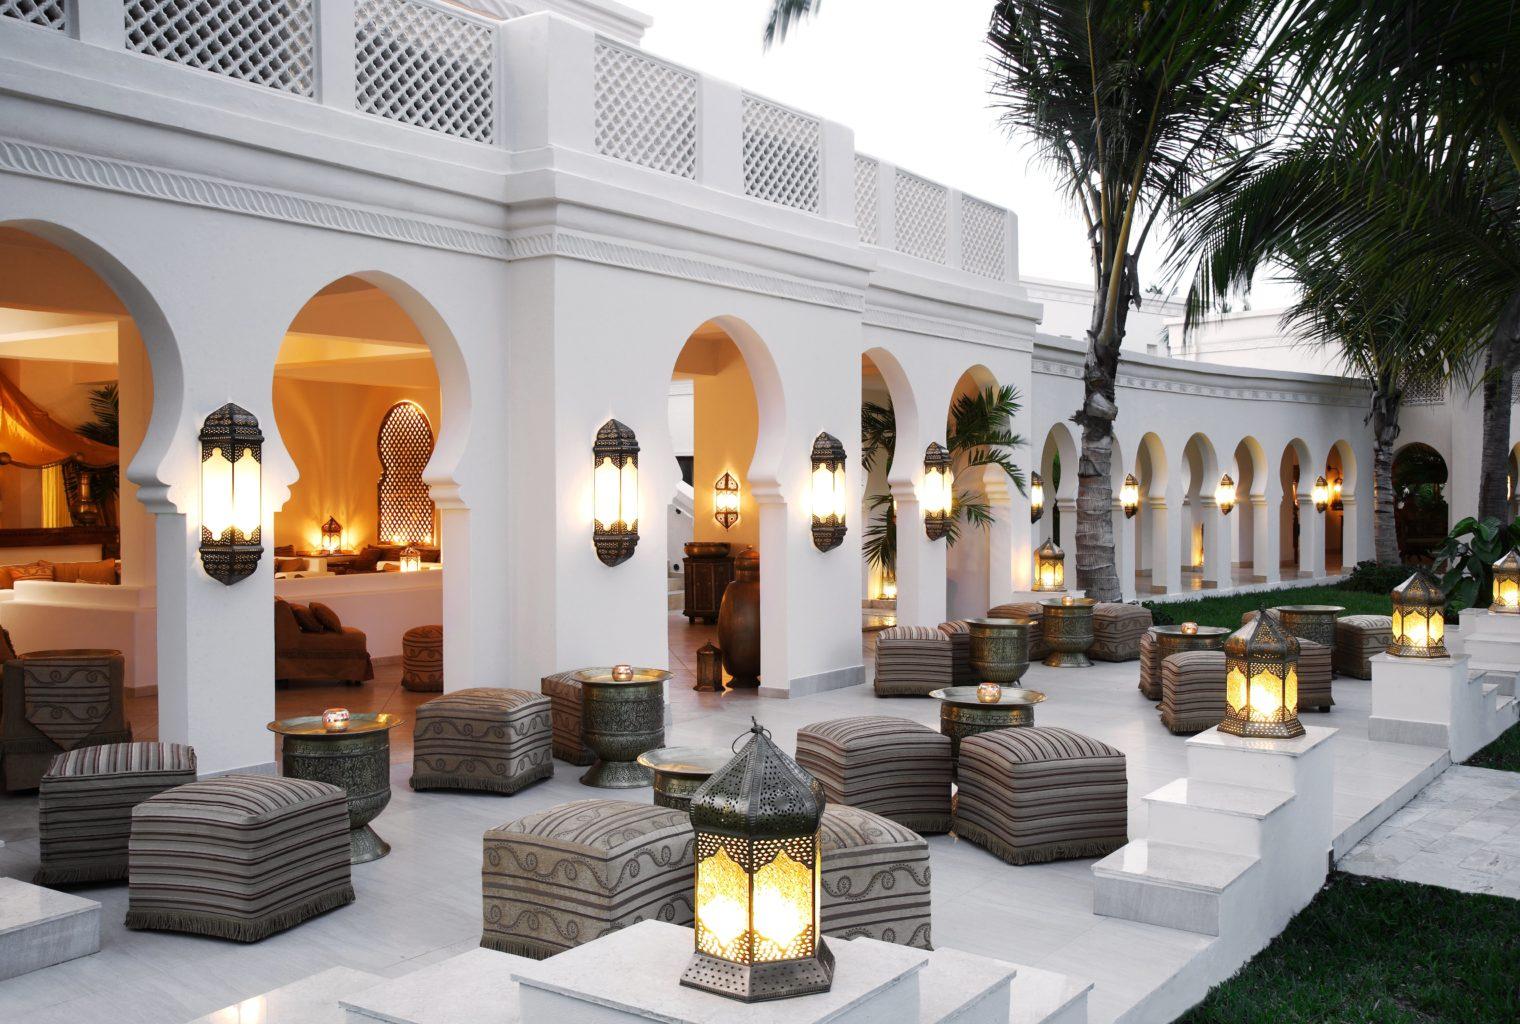 Baraza Resort and Spa Tanzania Exterior